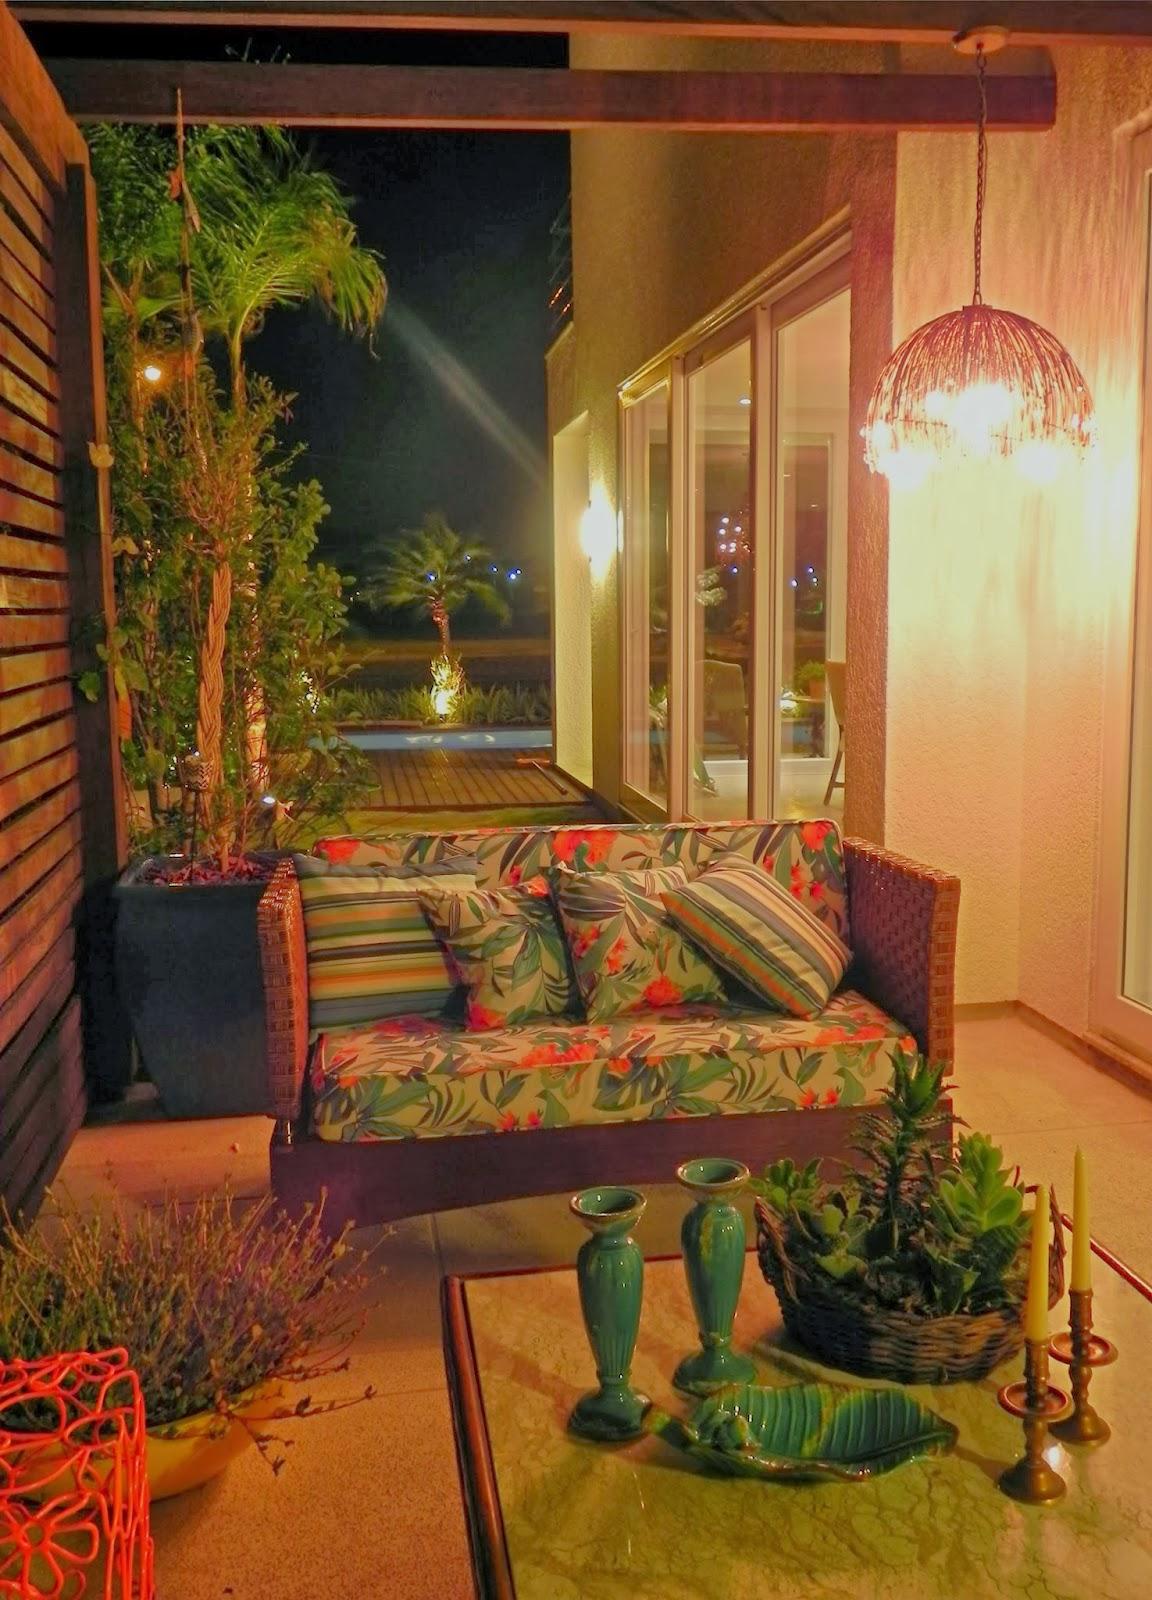 iluminacao para jardim porto alegre: Gasparotto – Arquitetura e Urbanismo: ILUMINANDO A CASA DE PRAIA